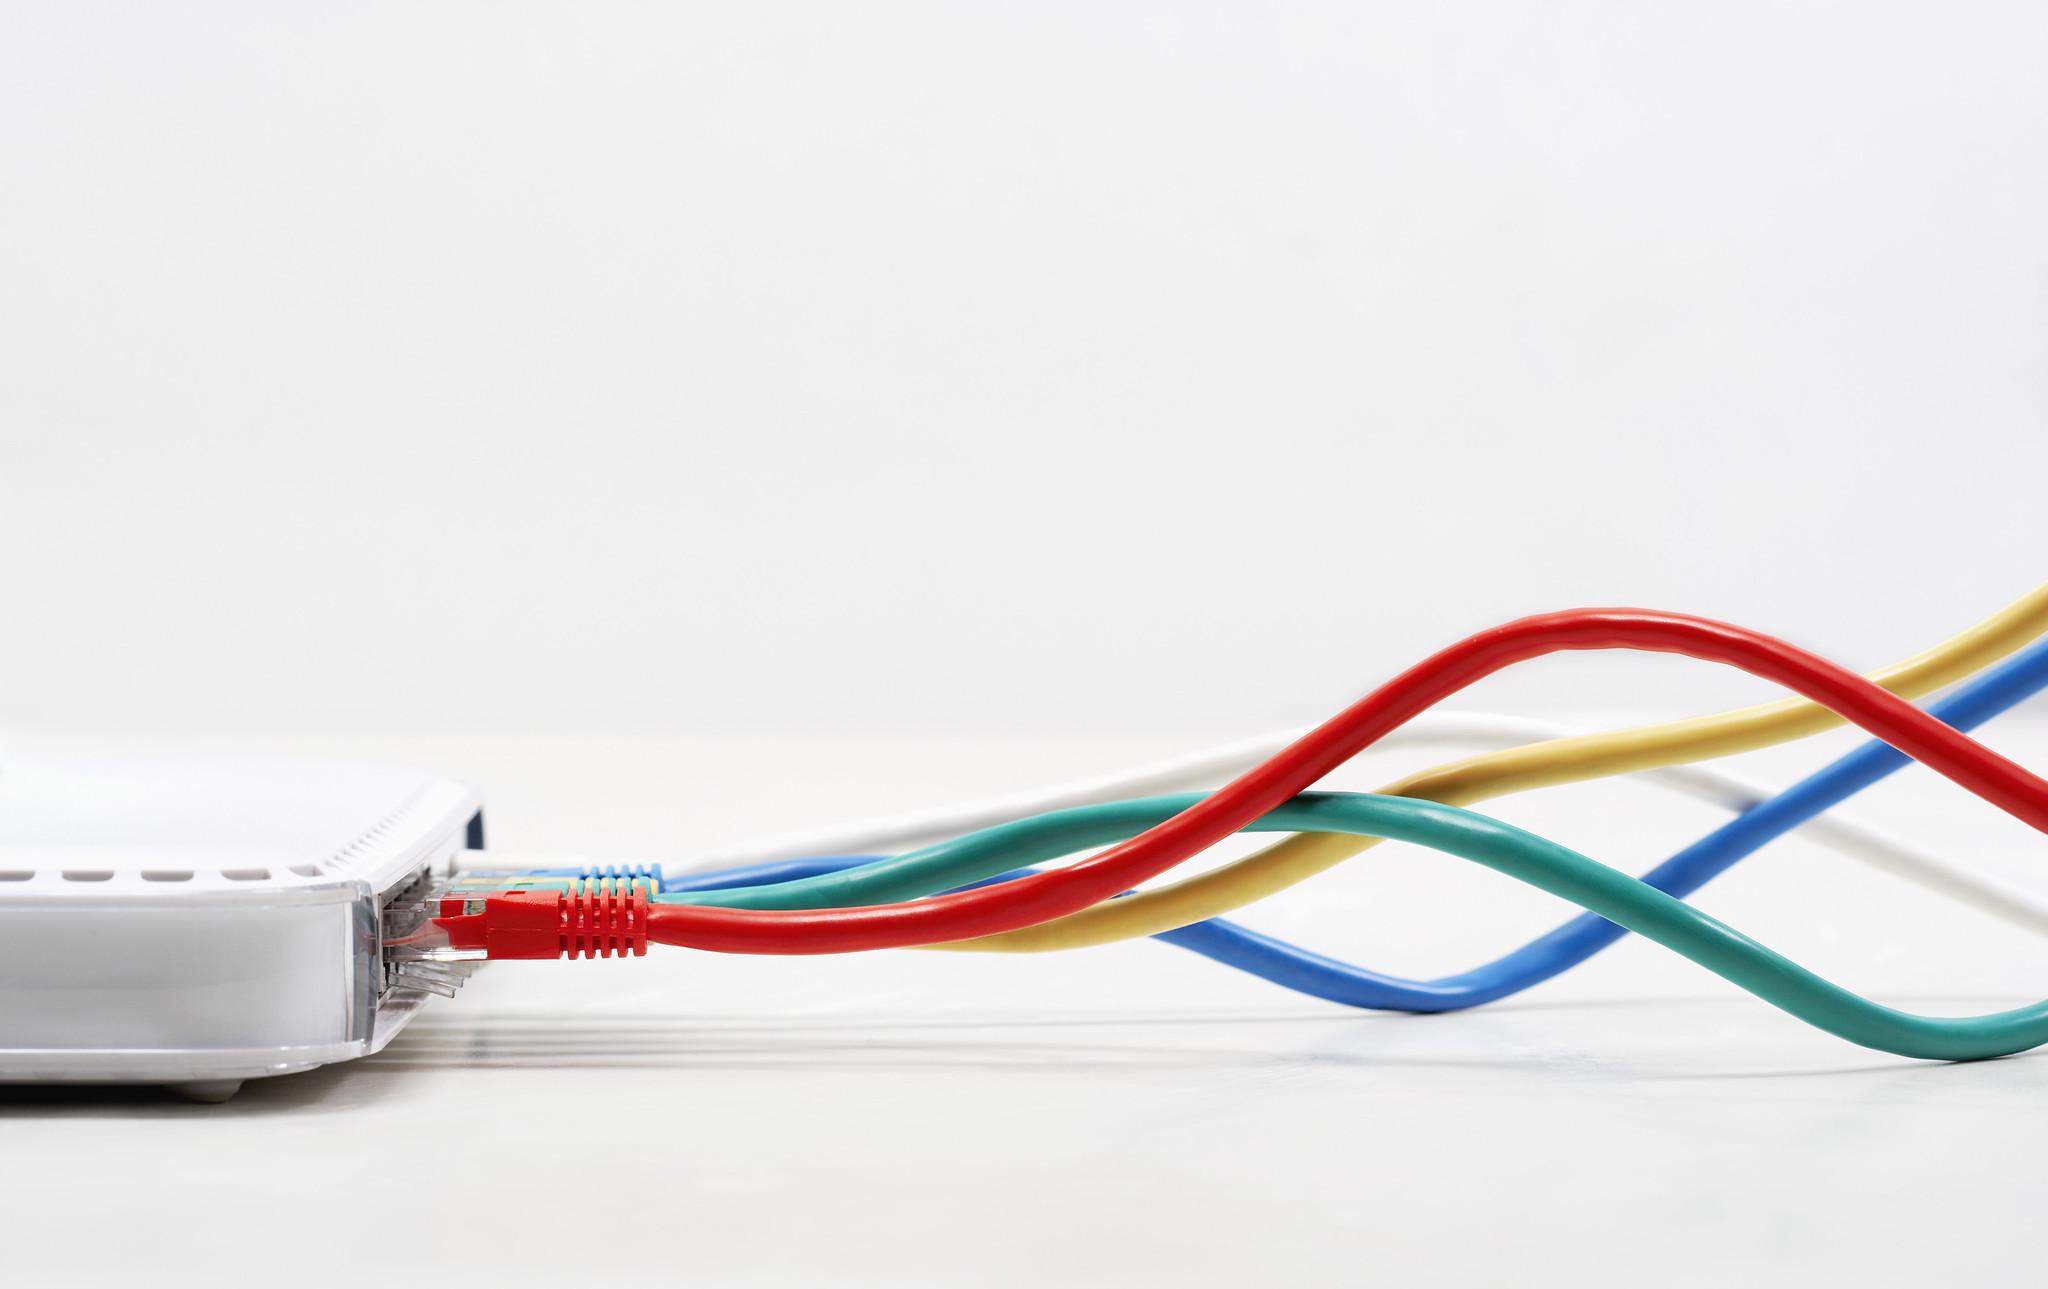 簡化複雜網路管理的3大策略